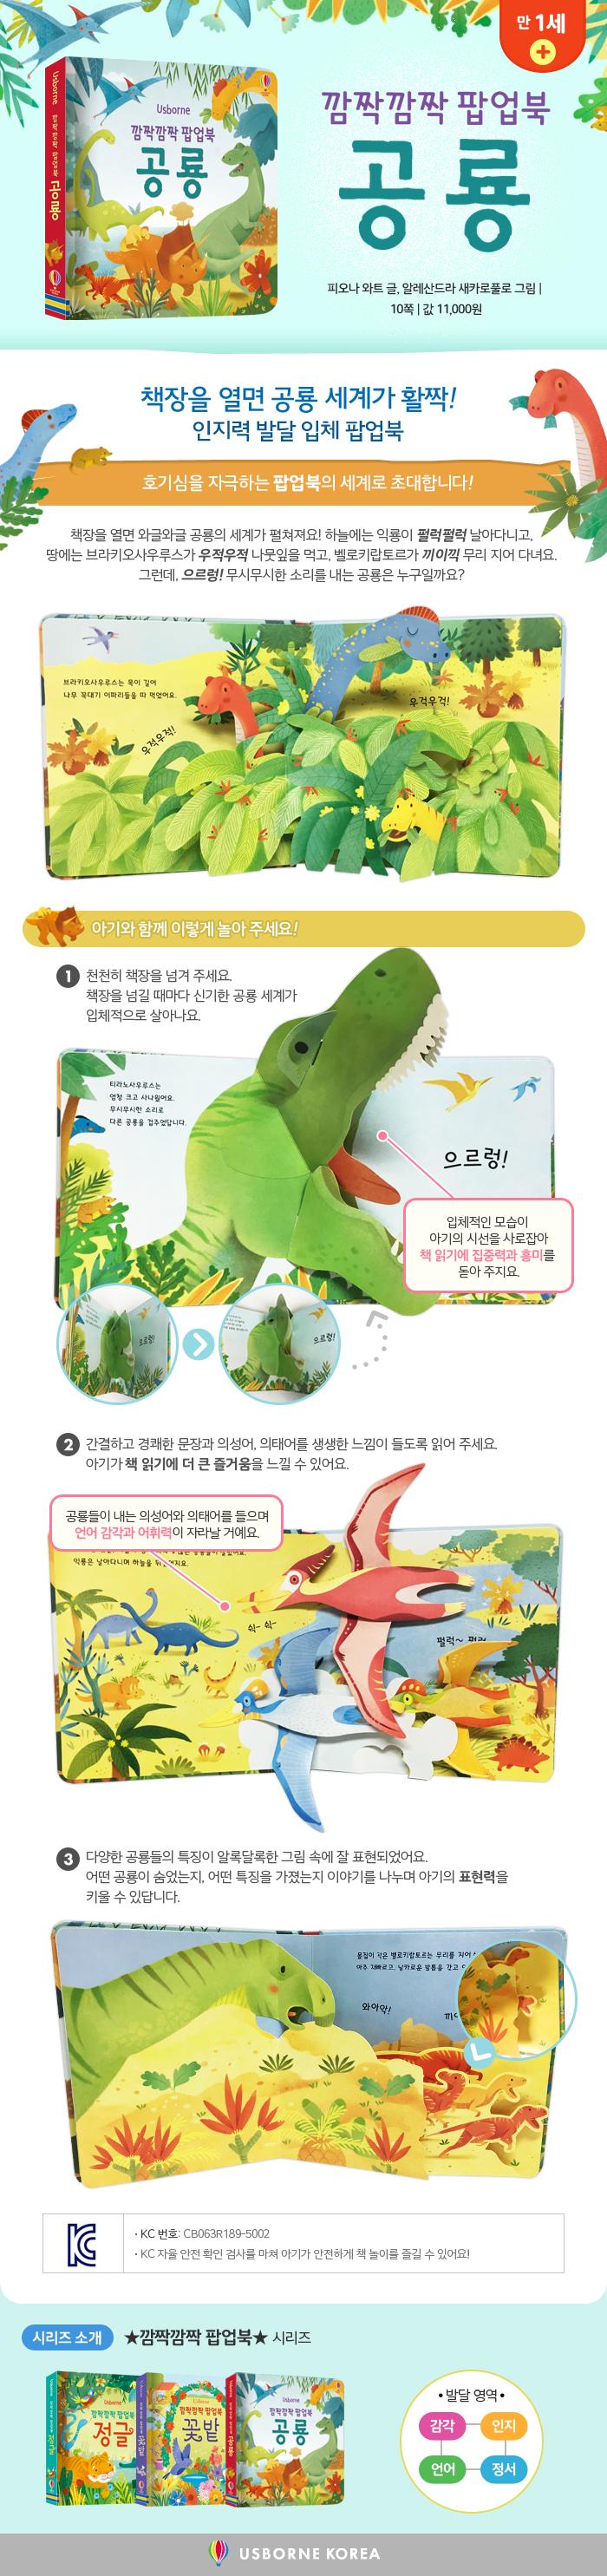 깜짝깜짝-팝업북-공룡